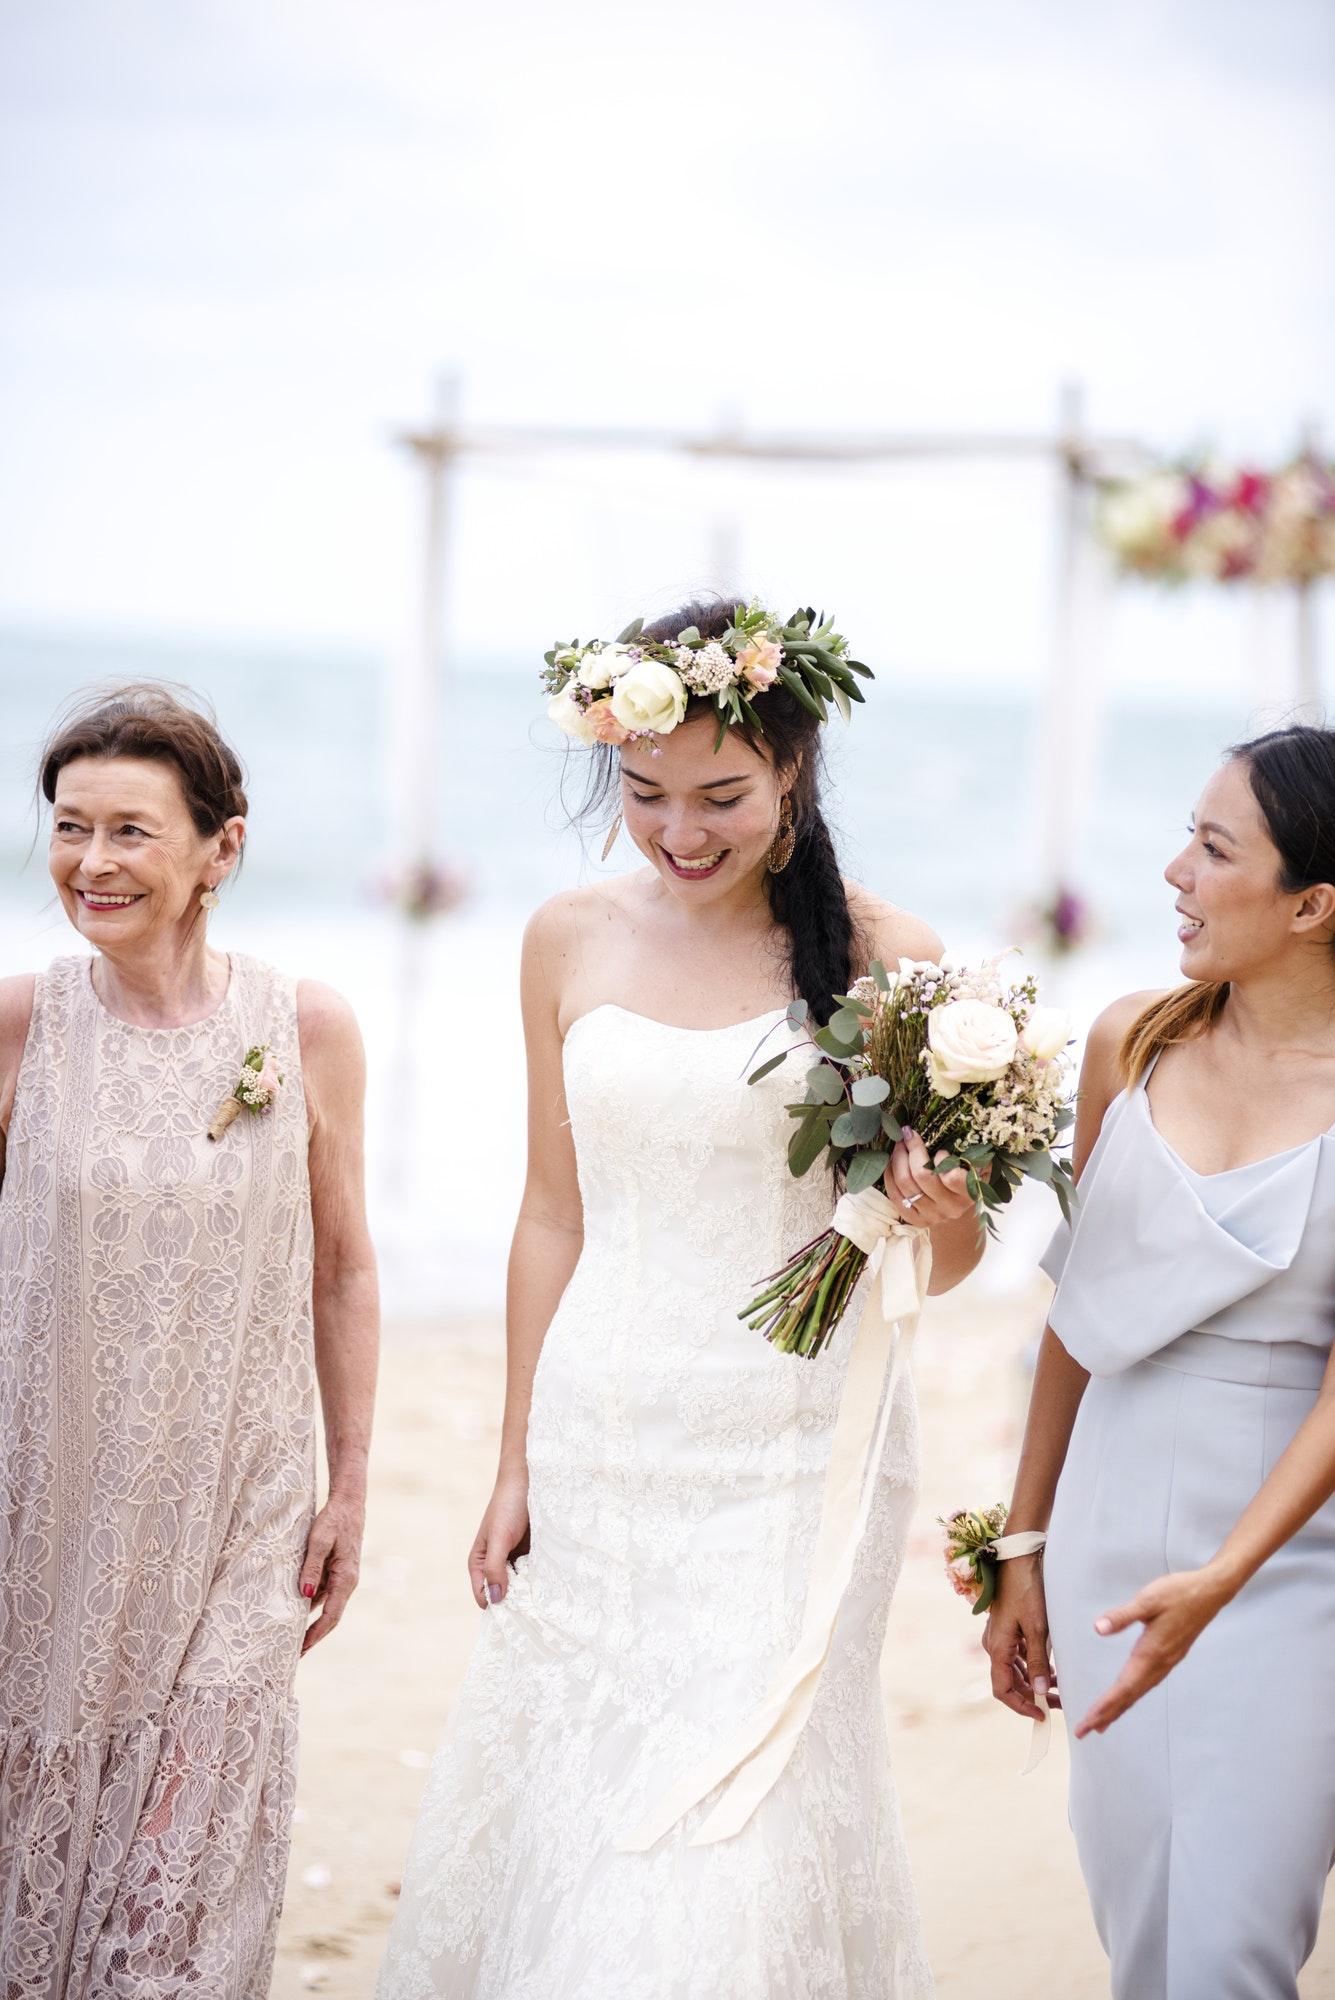 Cheerful bride at the beach